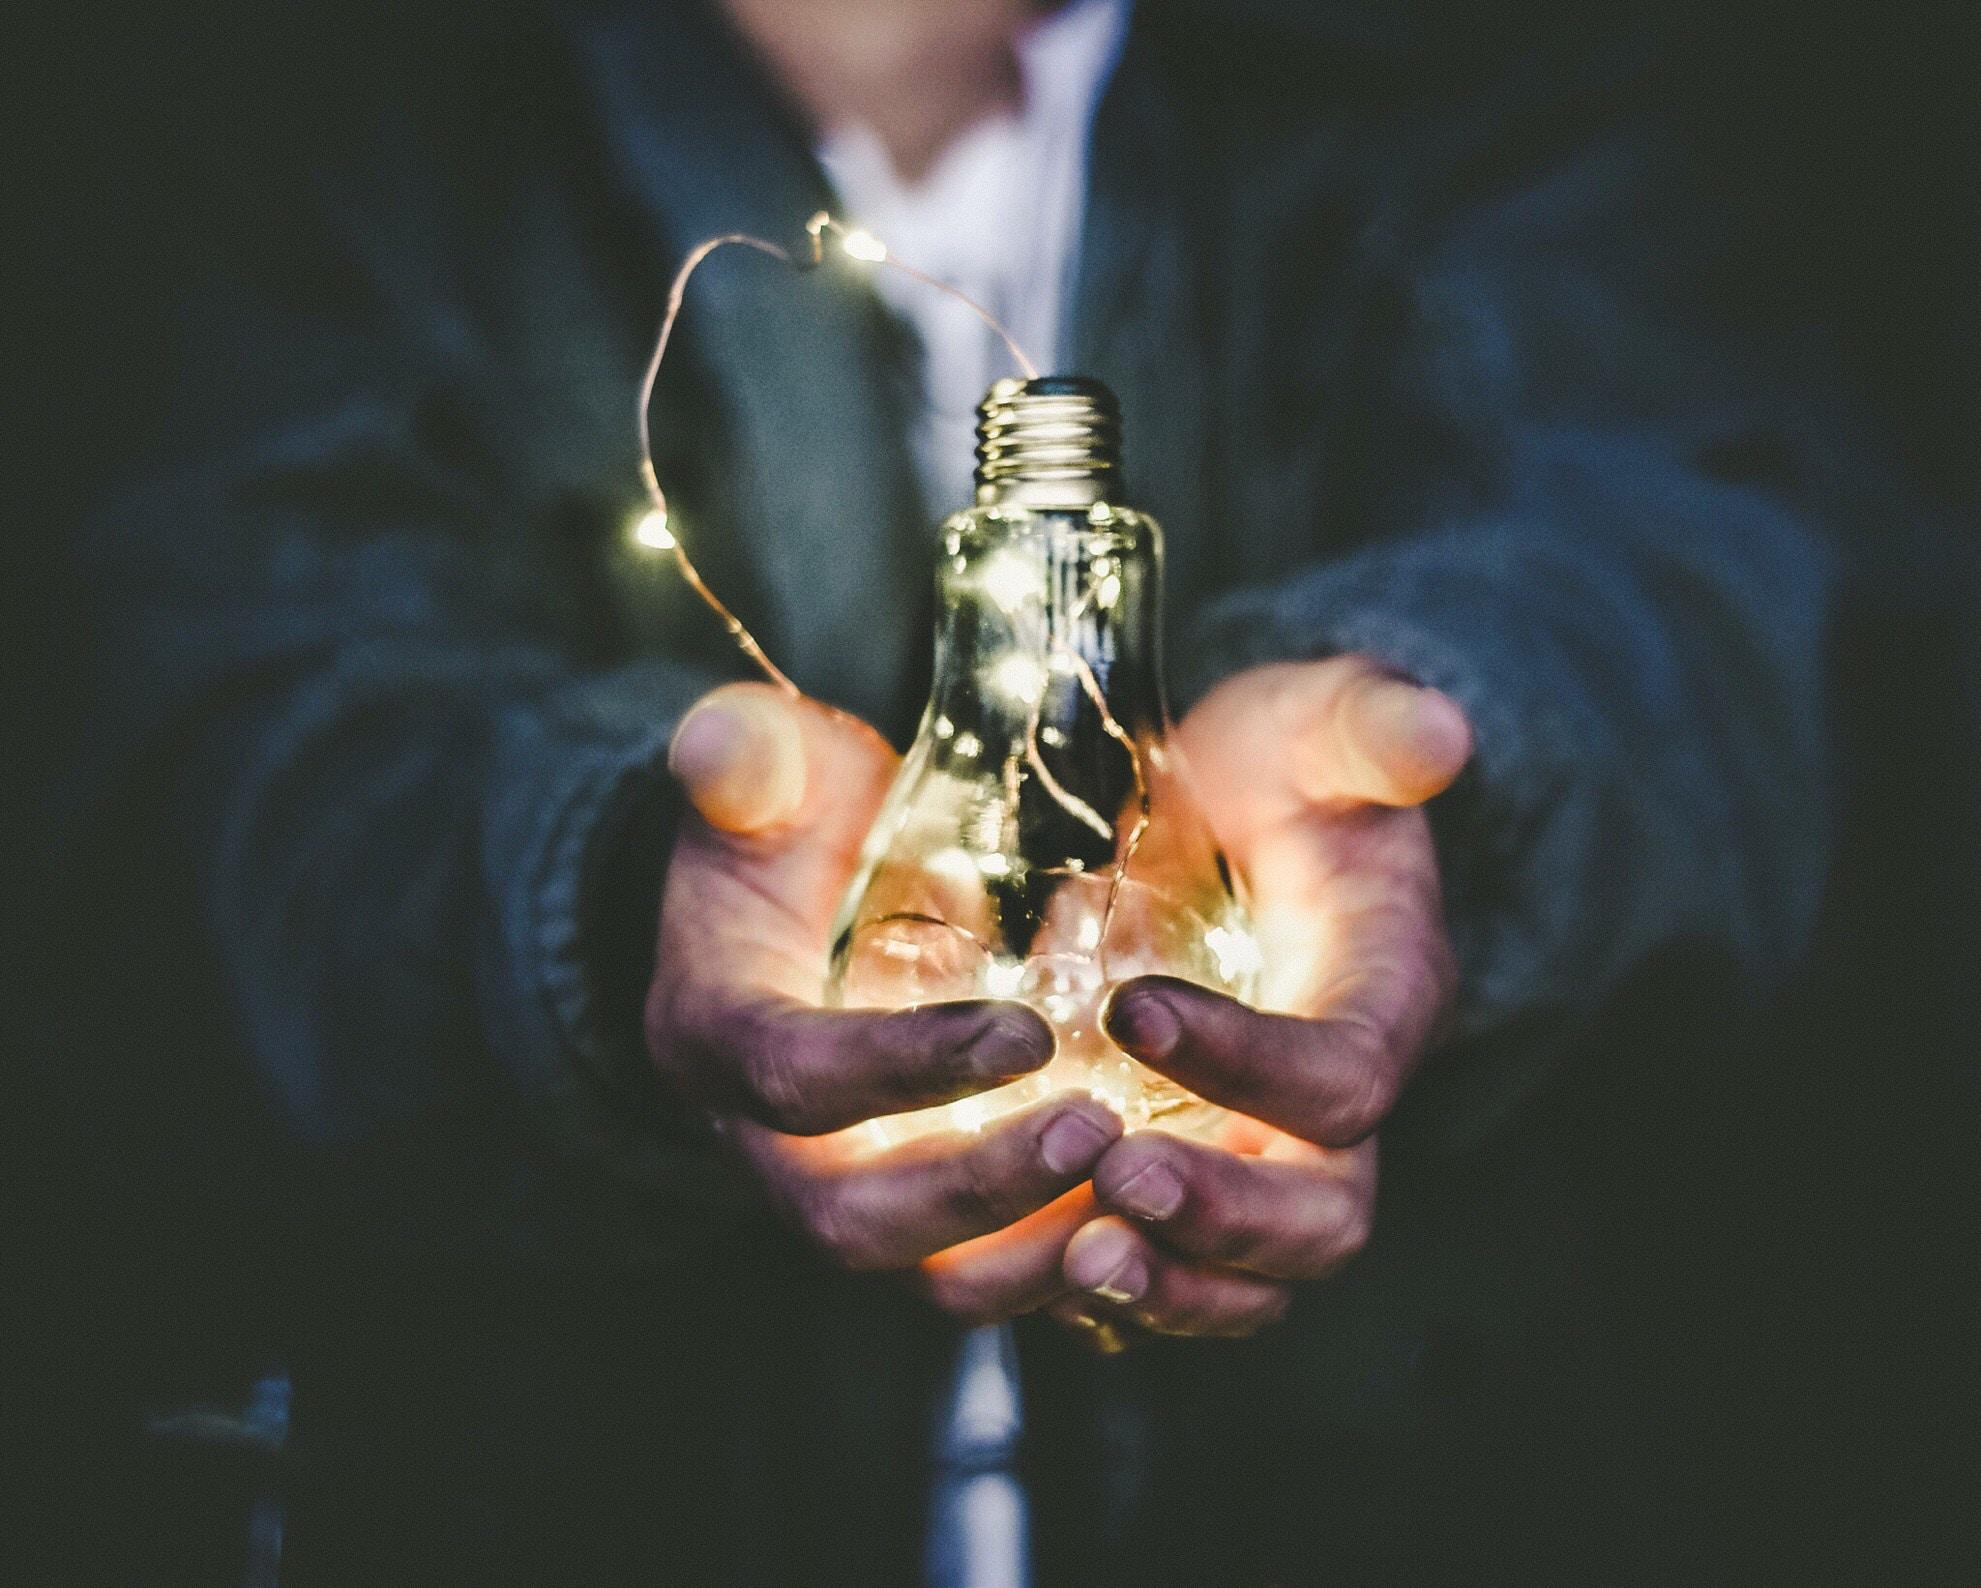 innovationlight